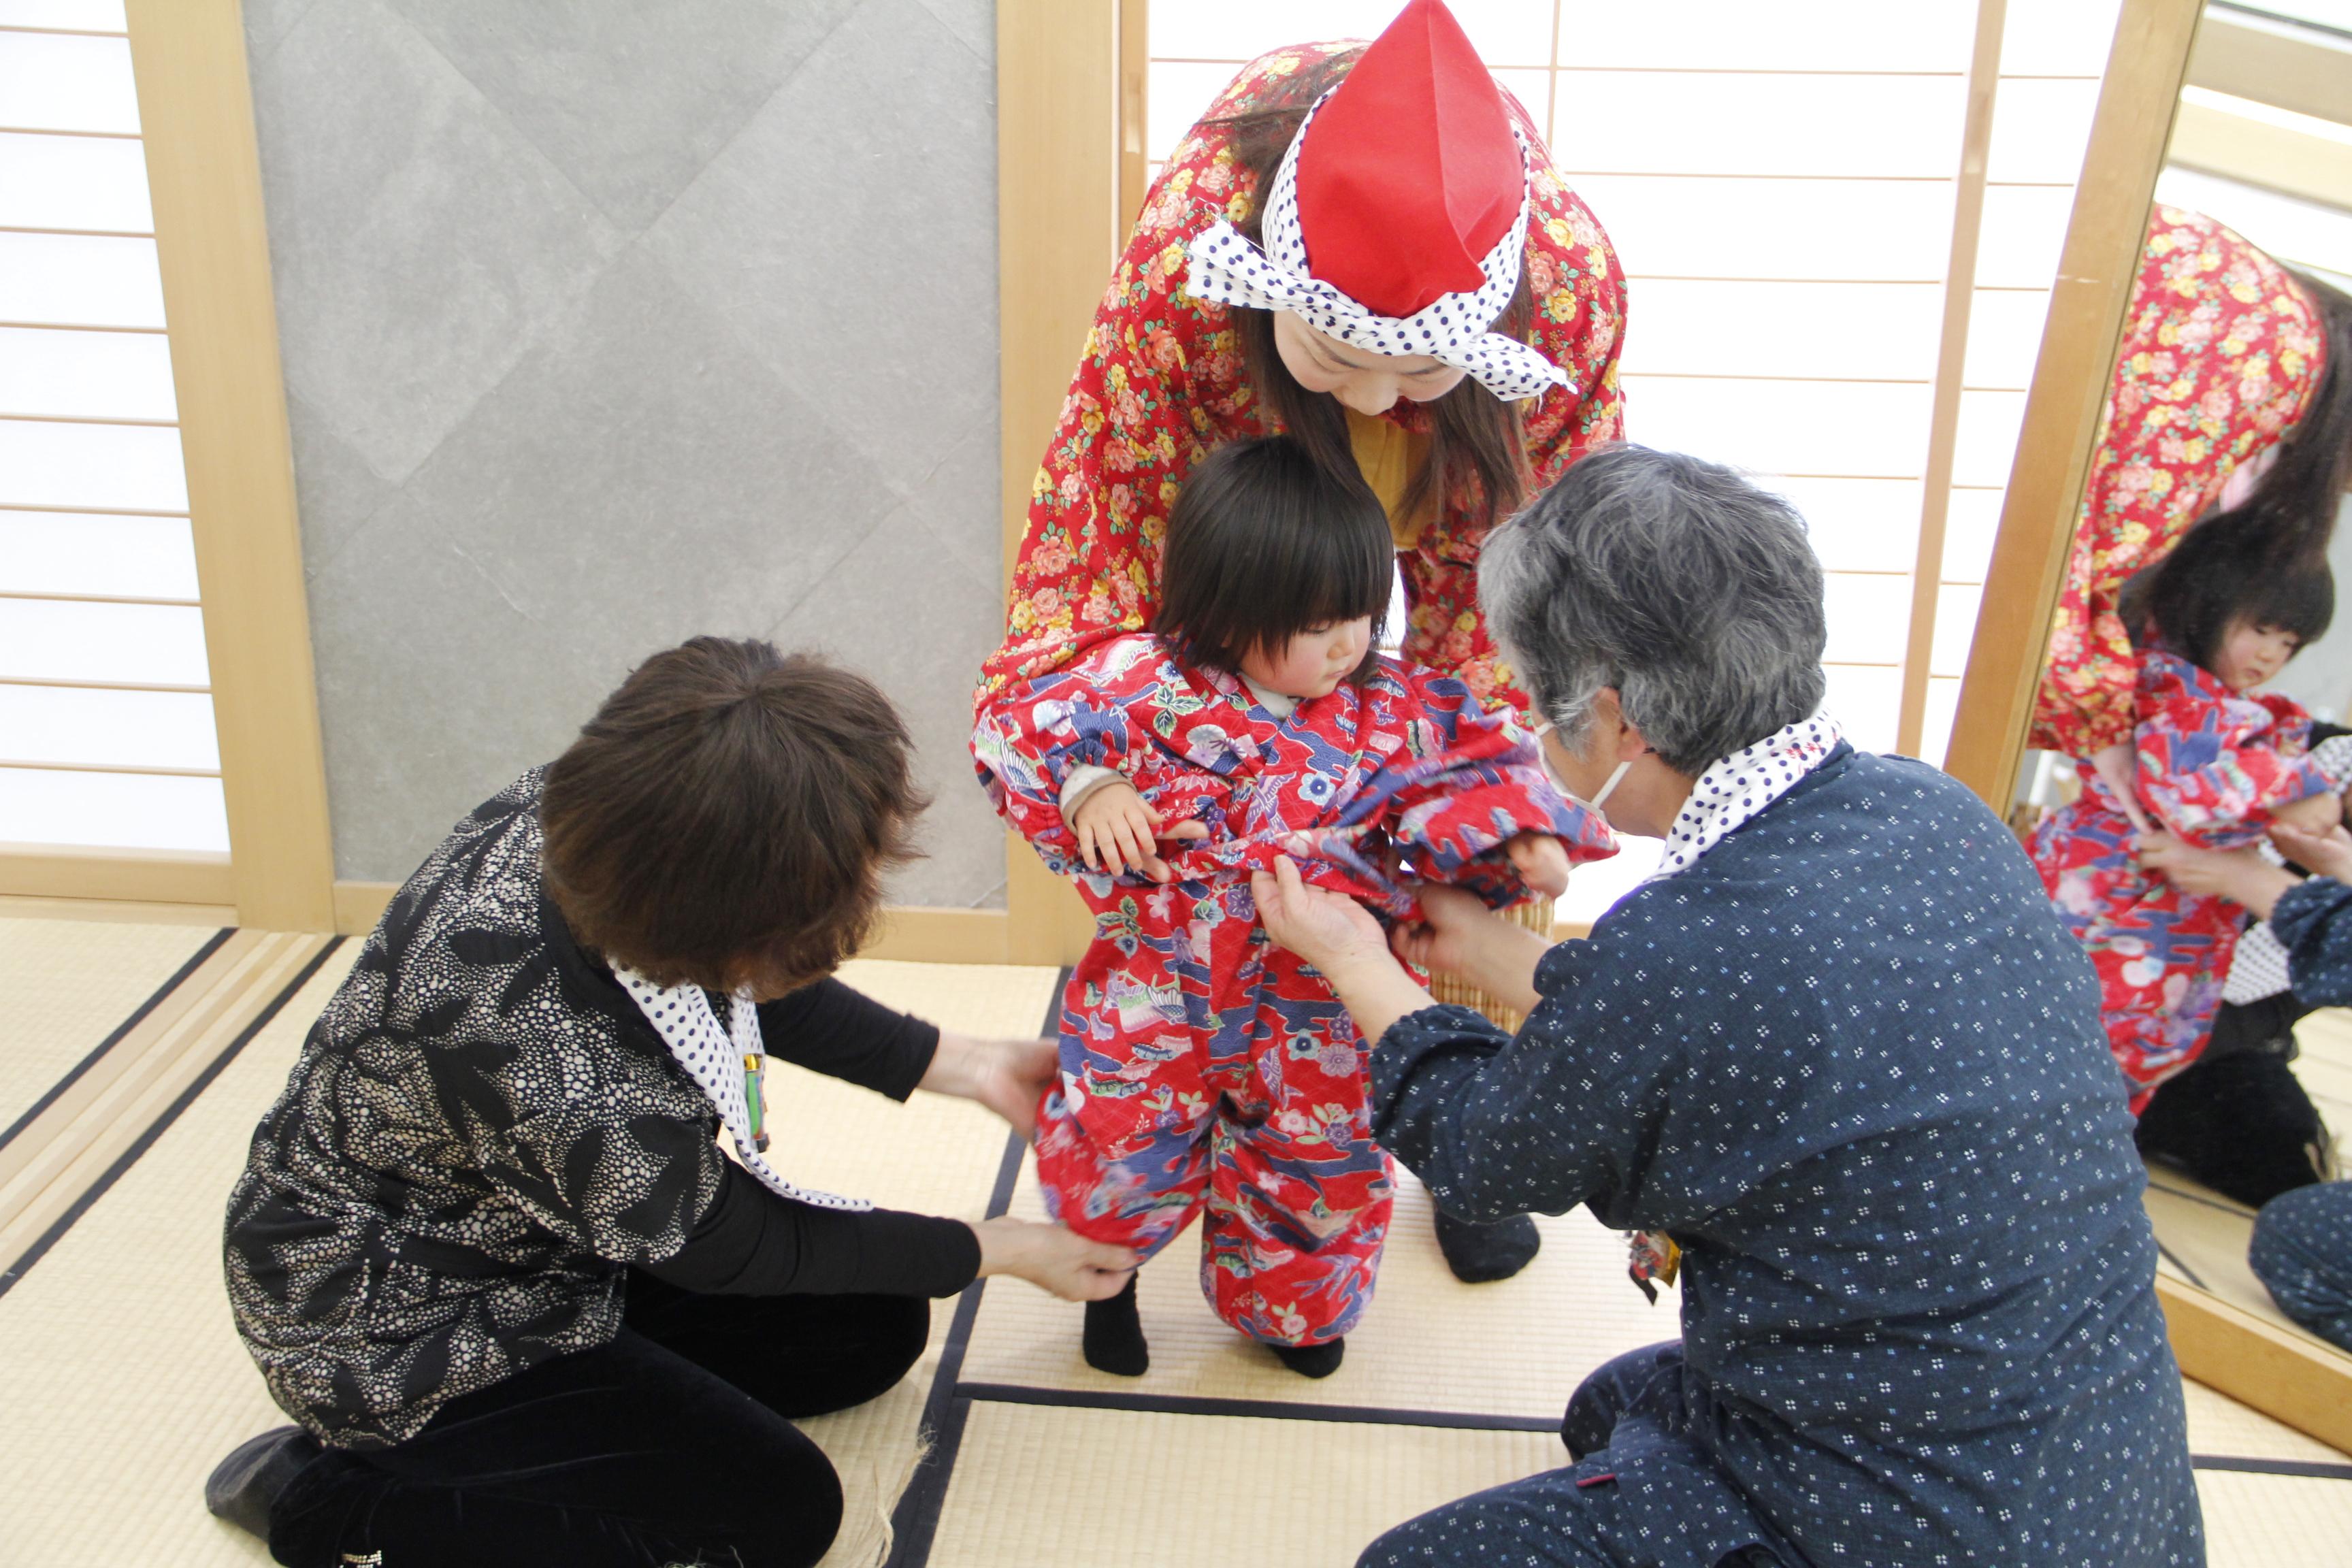 http://hacchi.jp/blog/upload/images/20140123_1.JPG